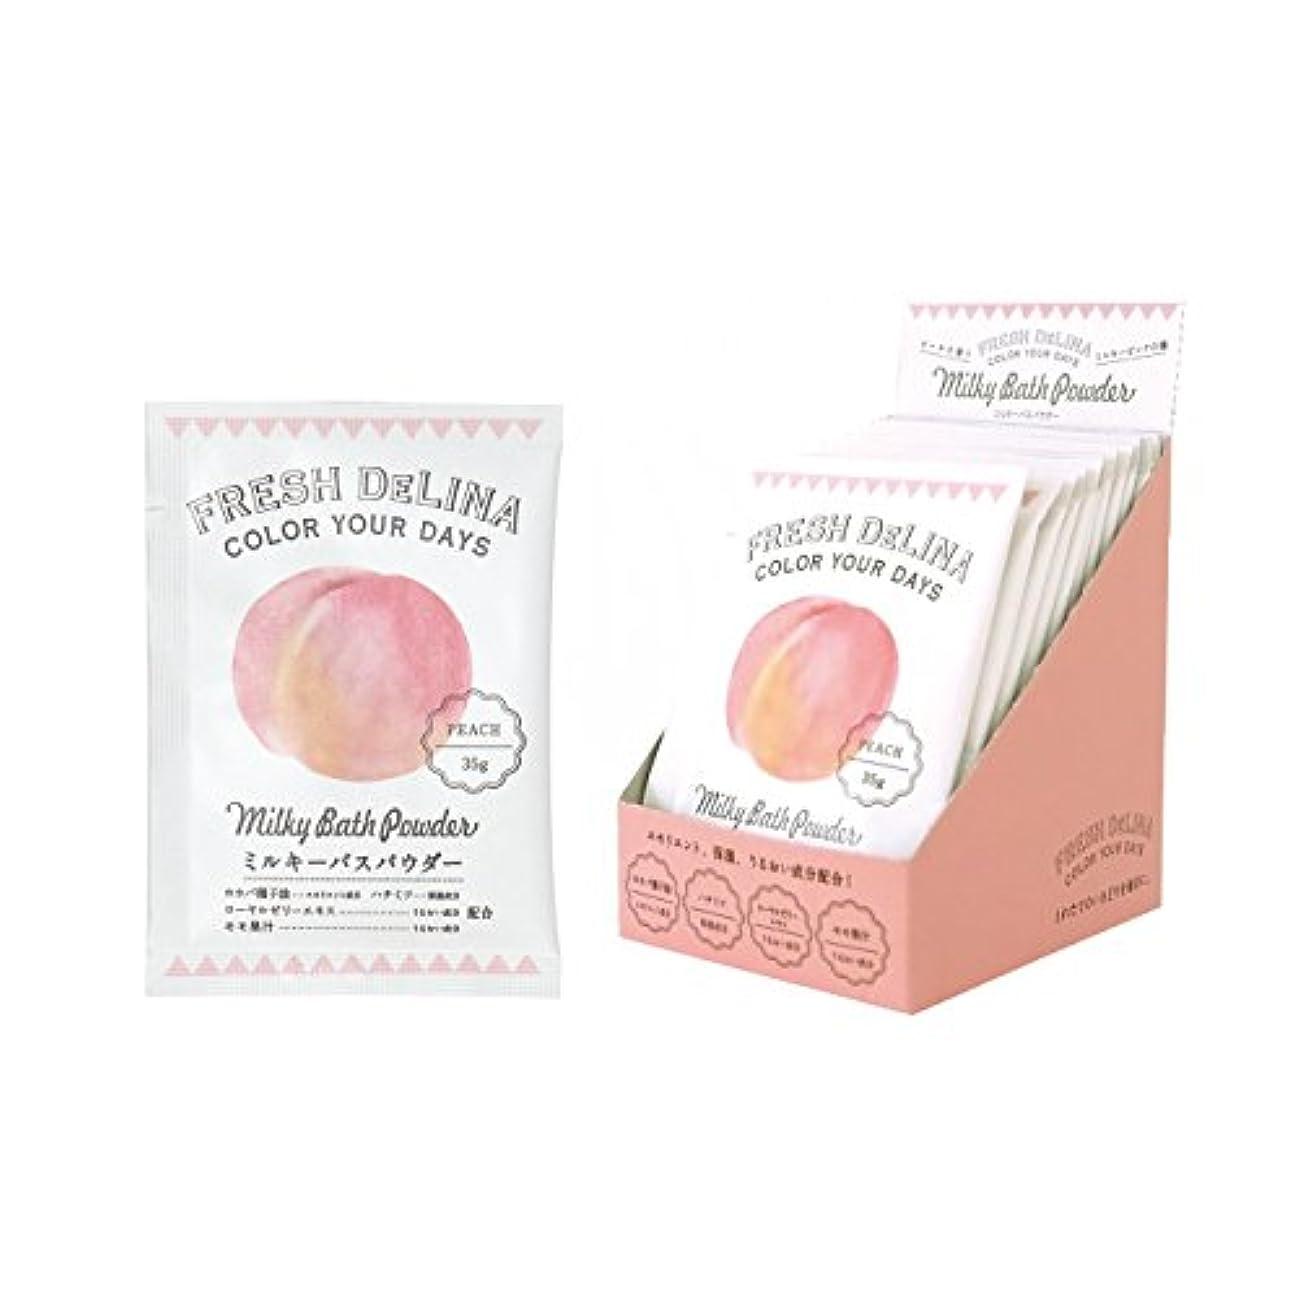 フレッシュデリーナ ミルキーバスパウダー 35g (ピーチ) 12個 (白濁タイプ入浴料 日本製 みずみずしい桃の香り)